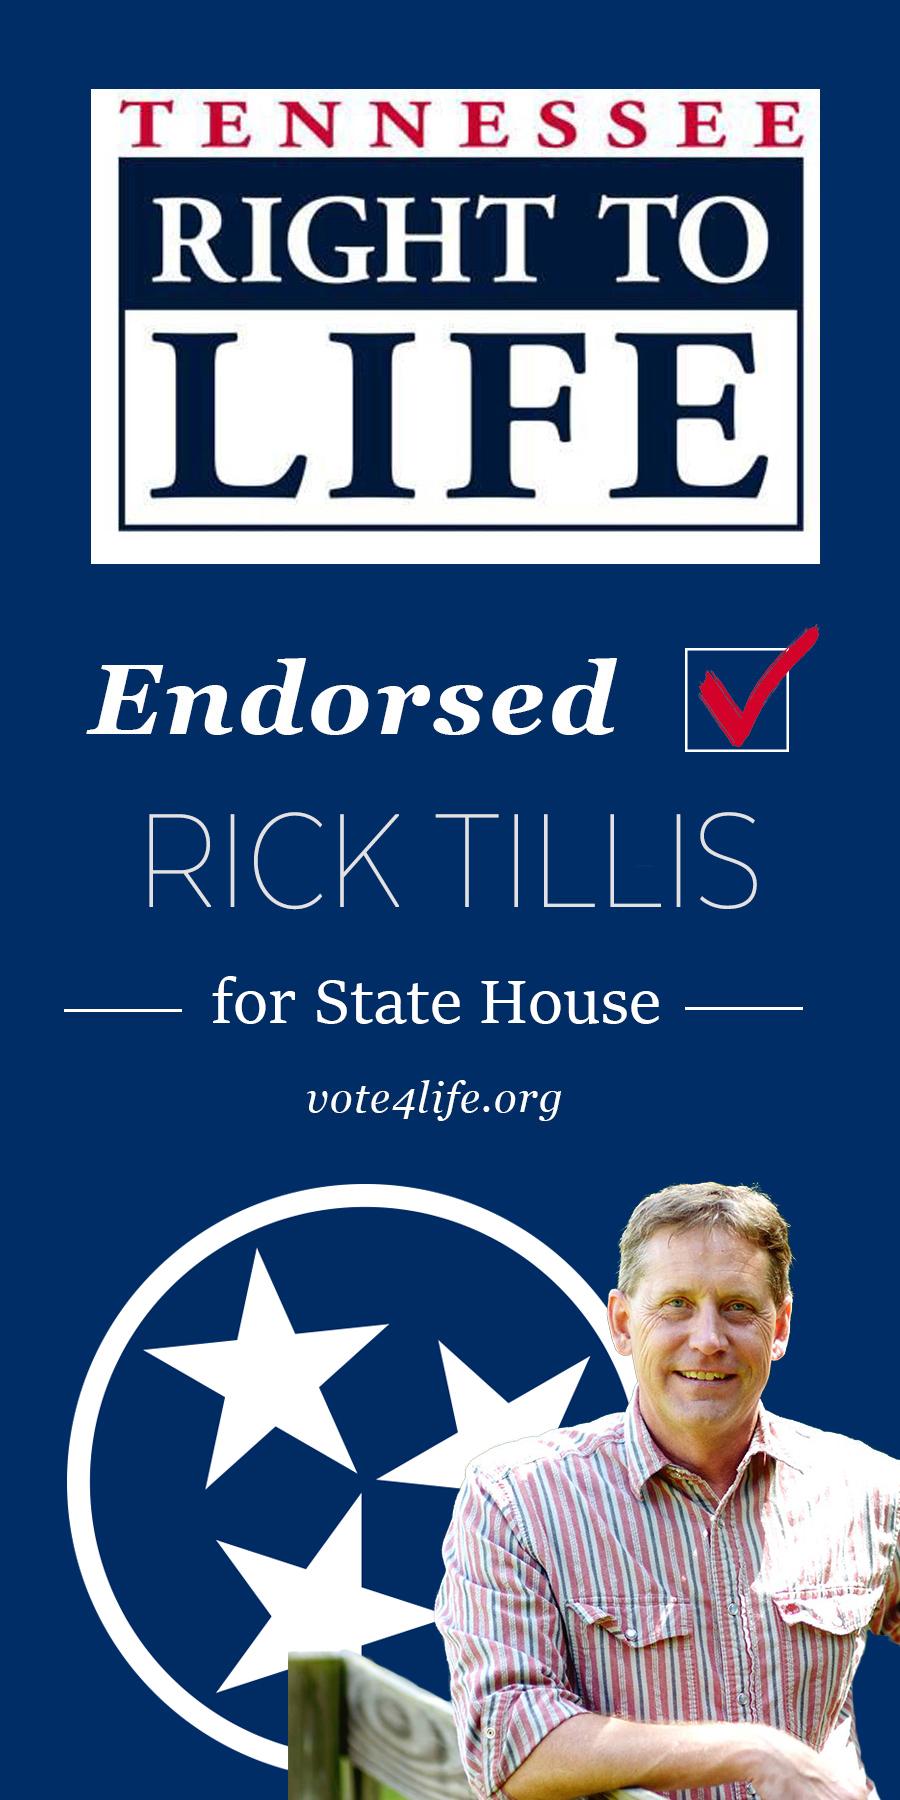 Rick-Tillis.jpg